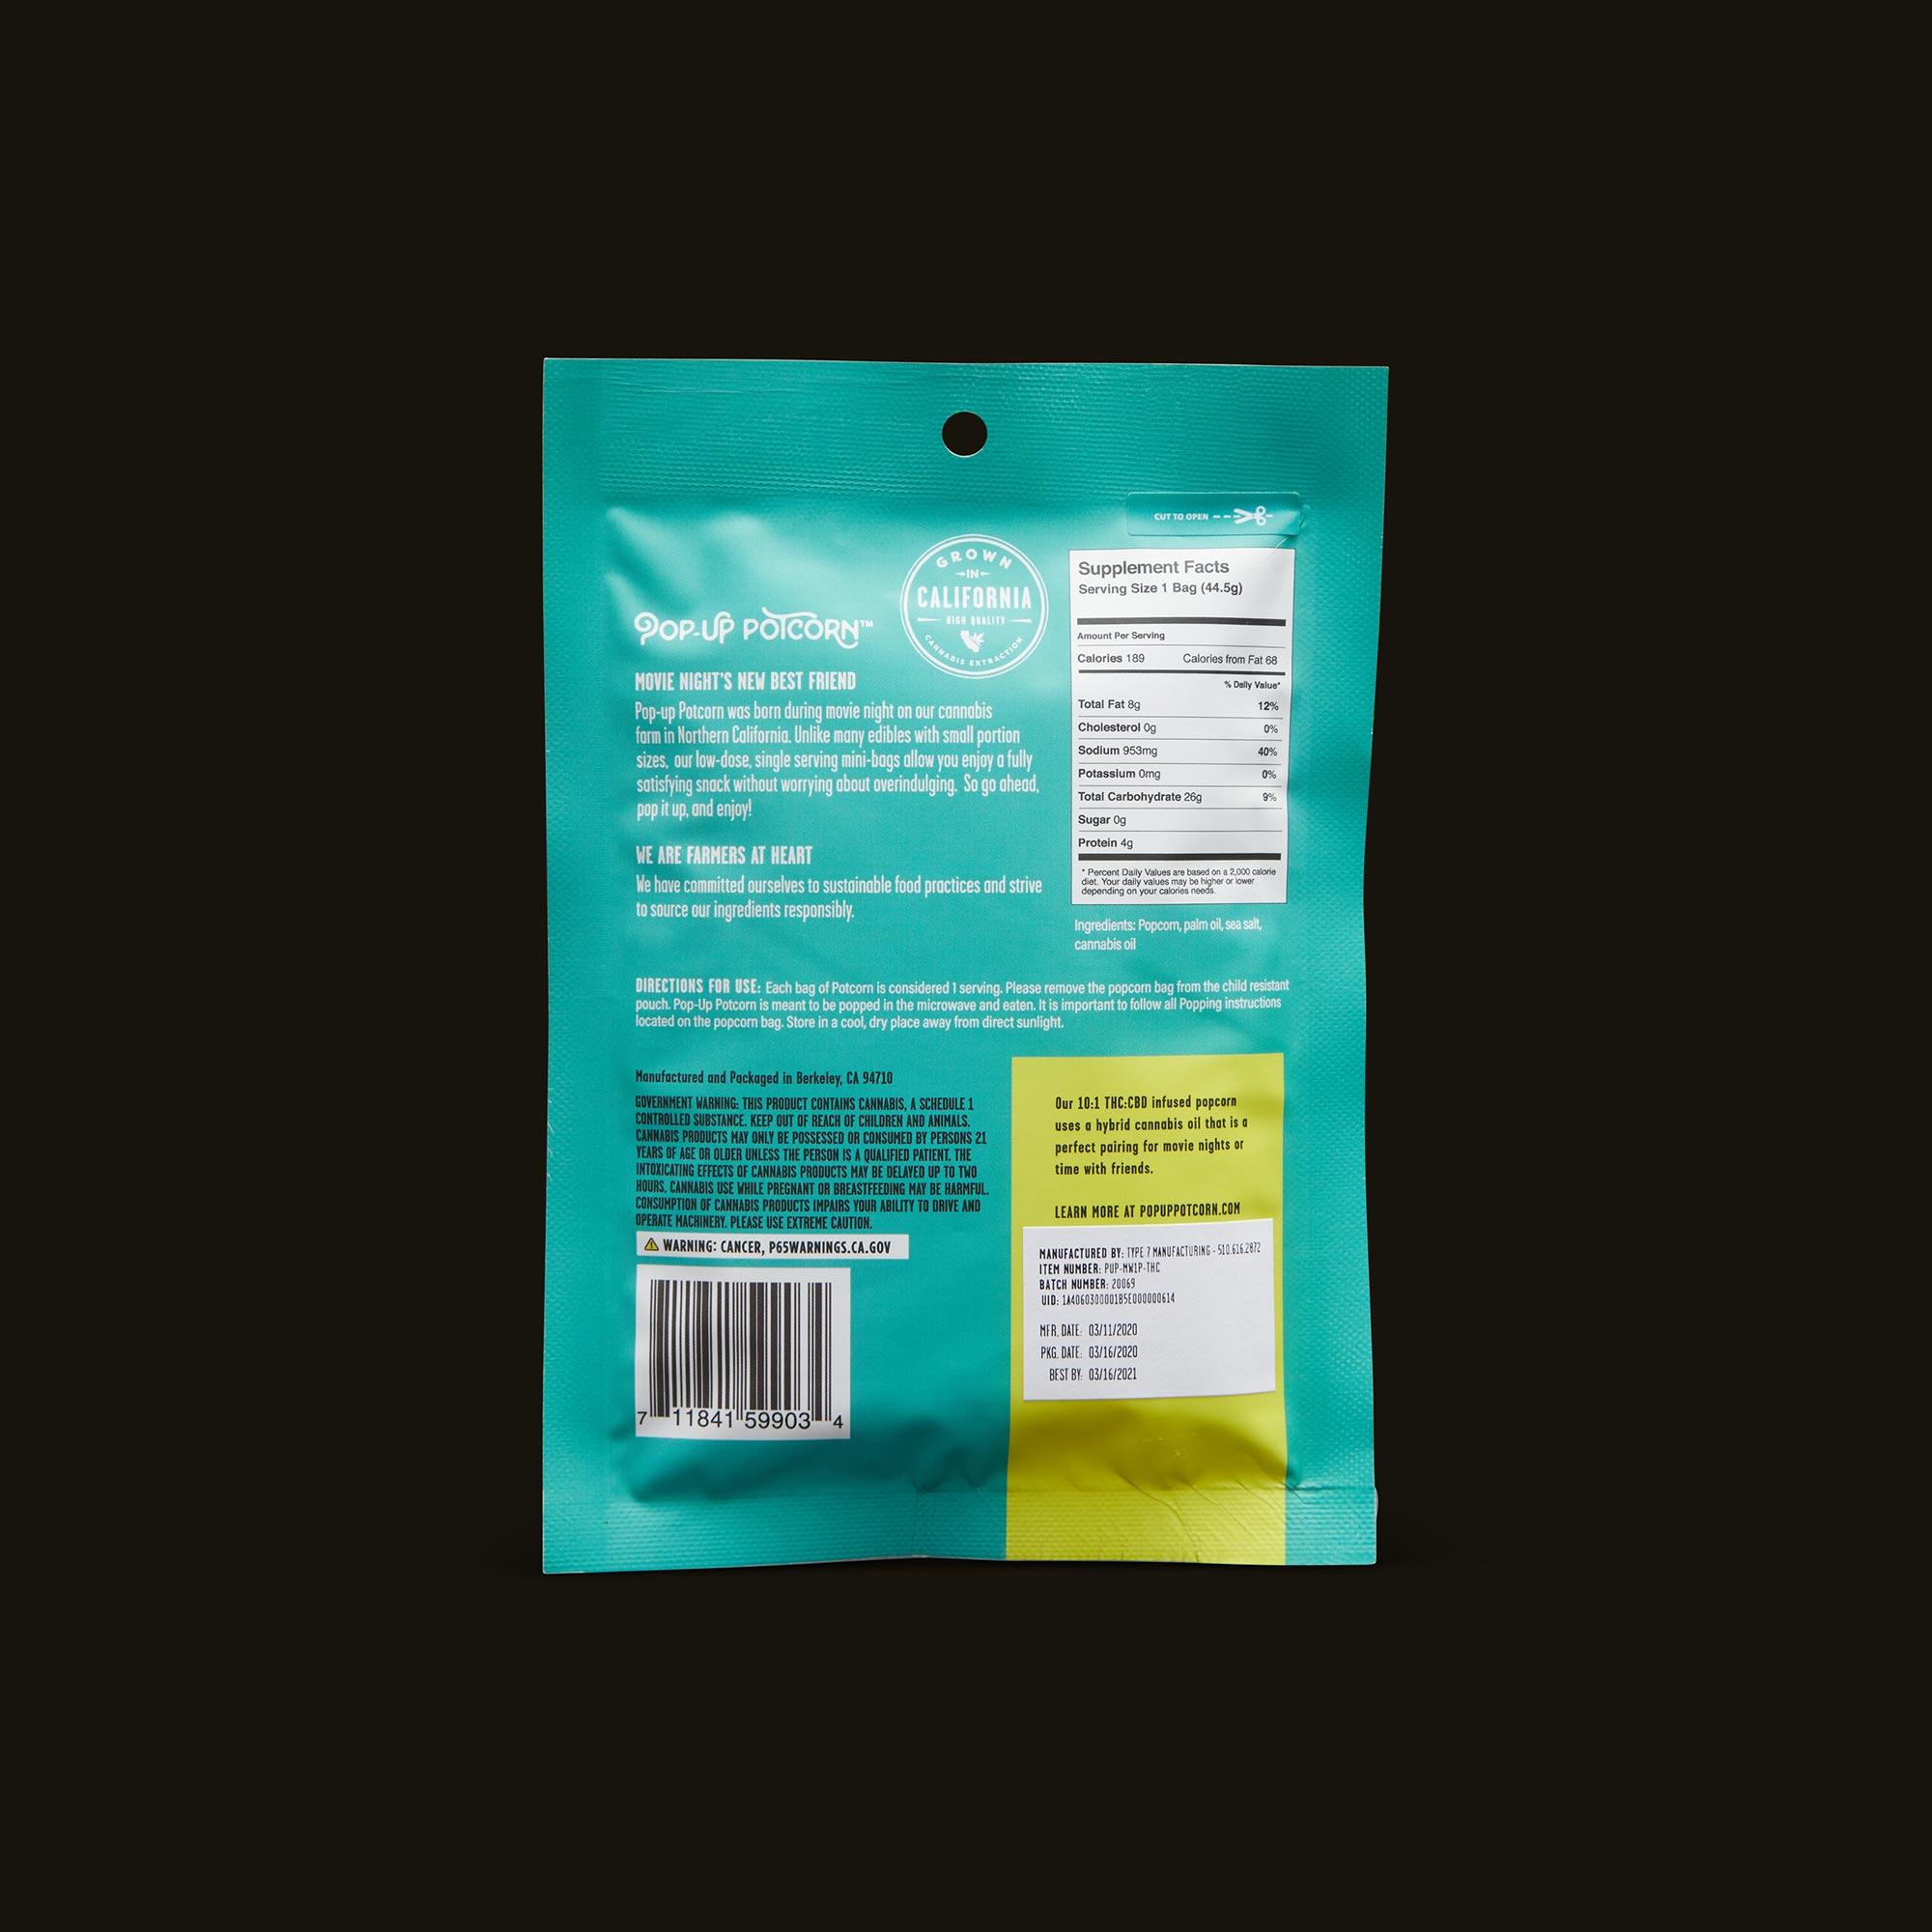 Pop-Up Potcorn Sea Salt Microwave Popcorn 10:1 - Single Nutrition